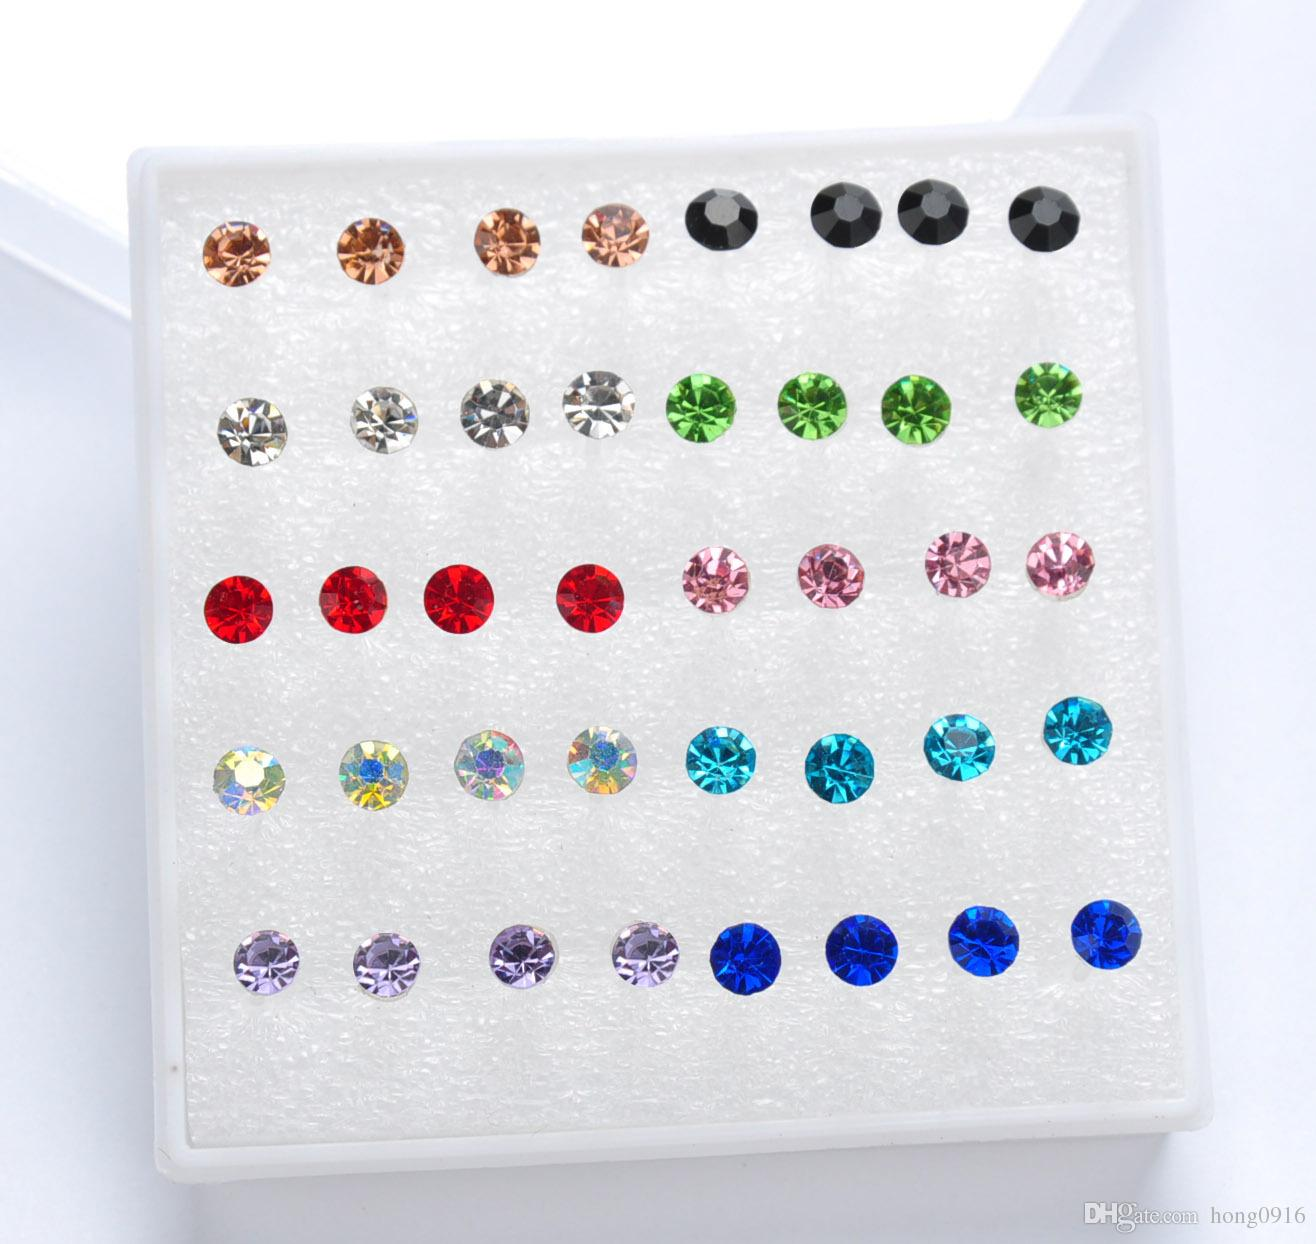 Nuevos pendientes de diamantes pendientes de aros en caja hipoalergénicos tamaño 2-5MM, caja sold1